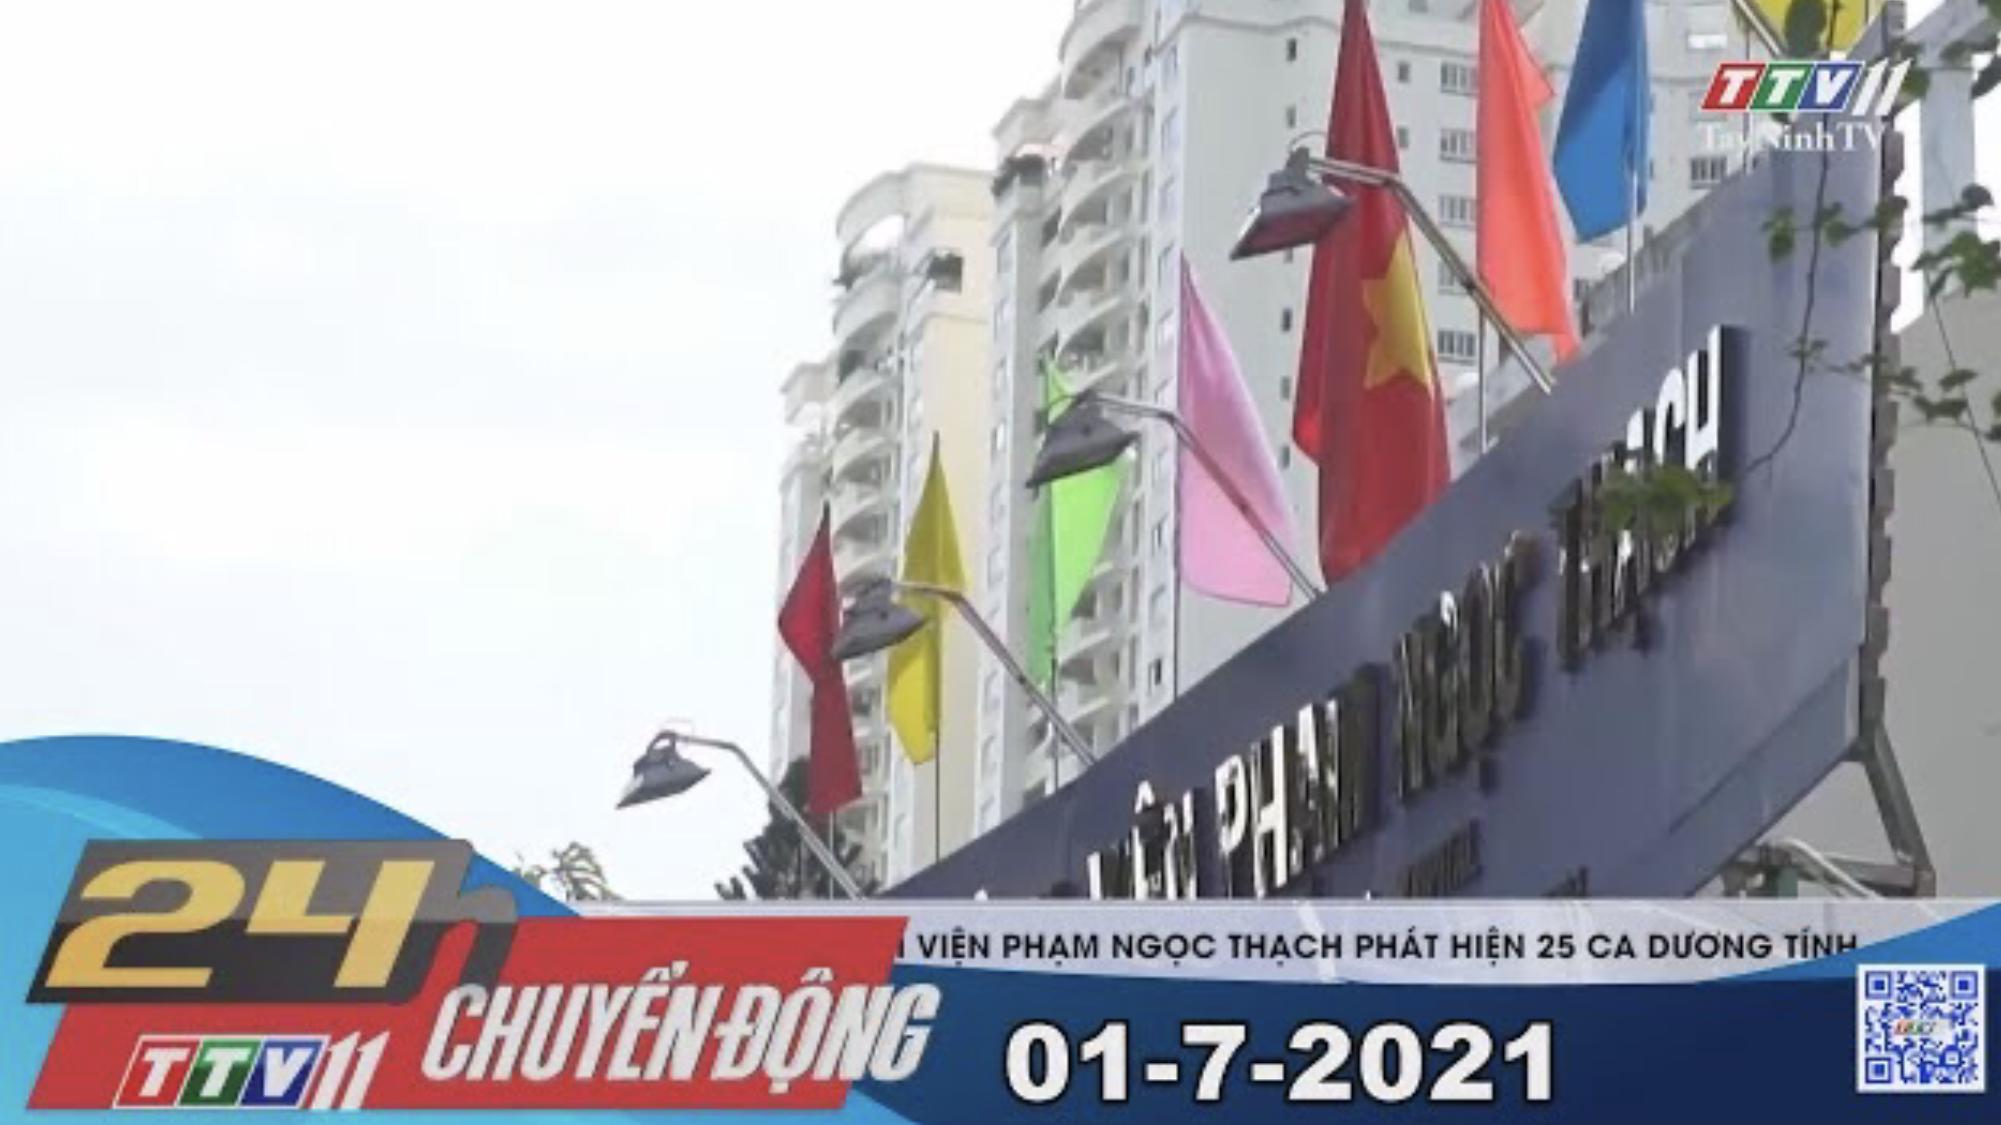 24h Chuyển động 01-7-2021   Tin tức hôm nay   TayNinhTV